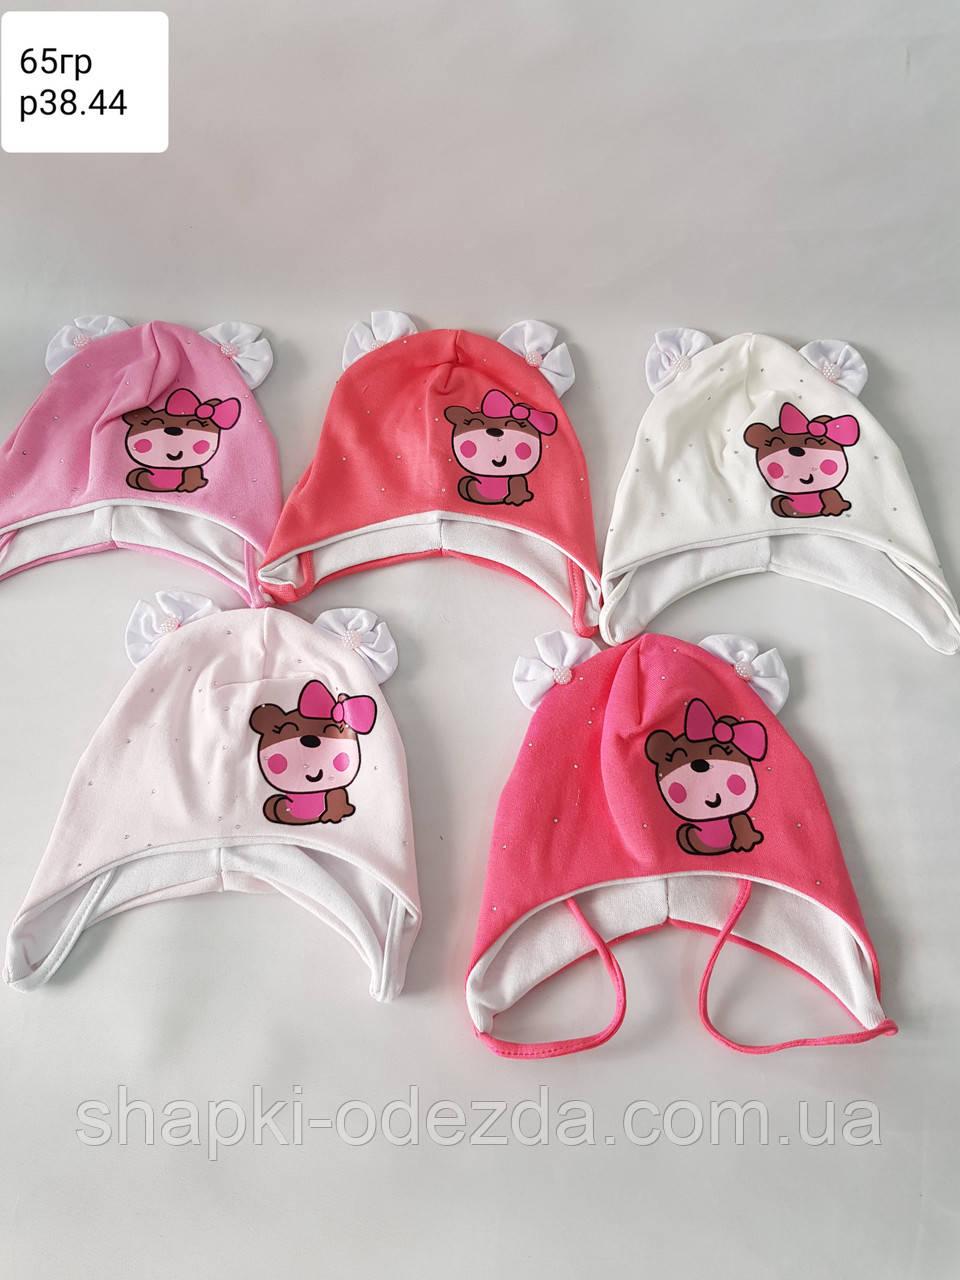 Детская  шапка для девочки Польша р 38-44